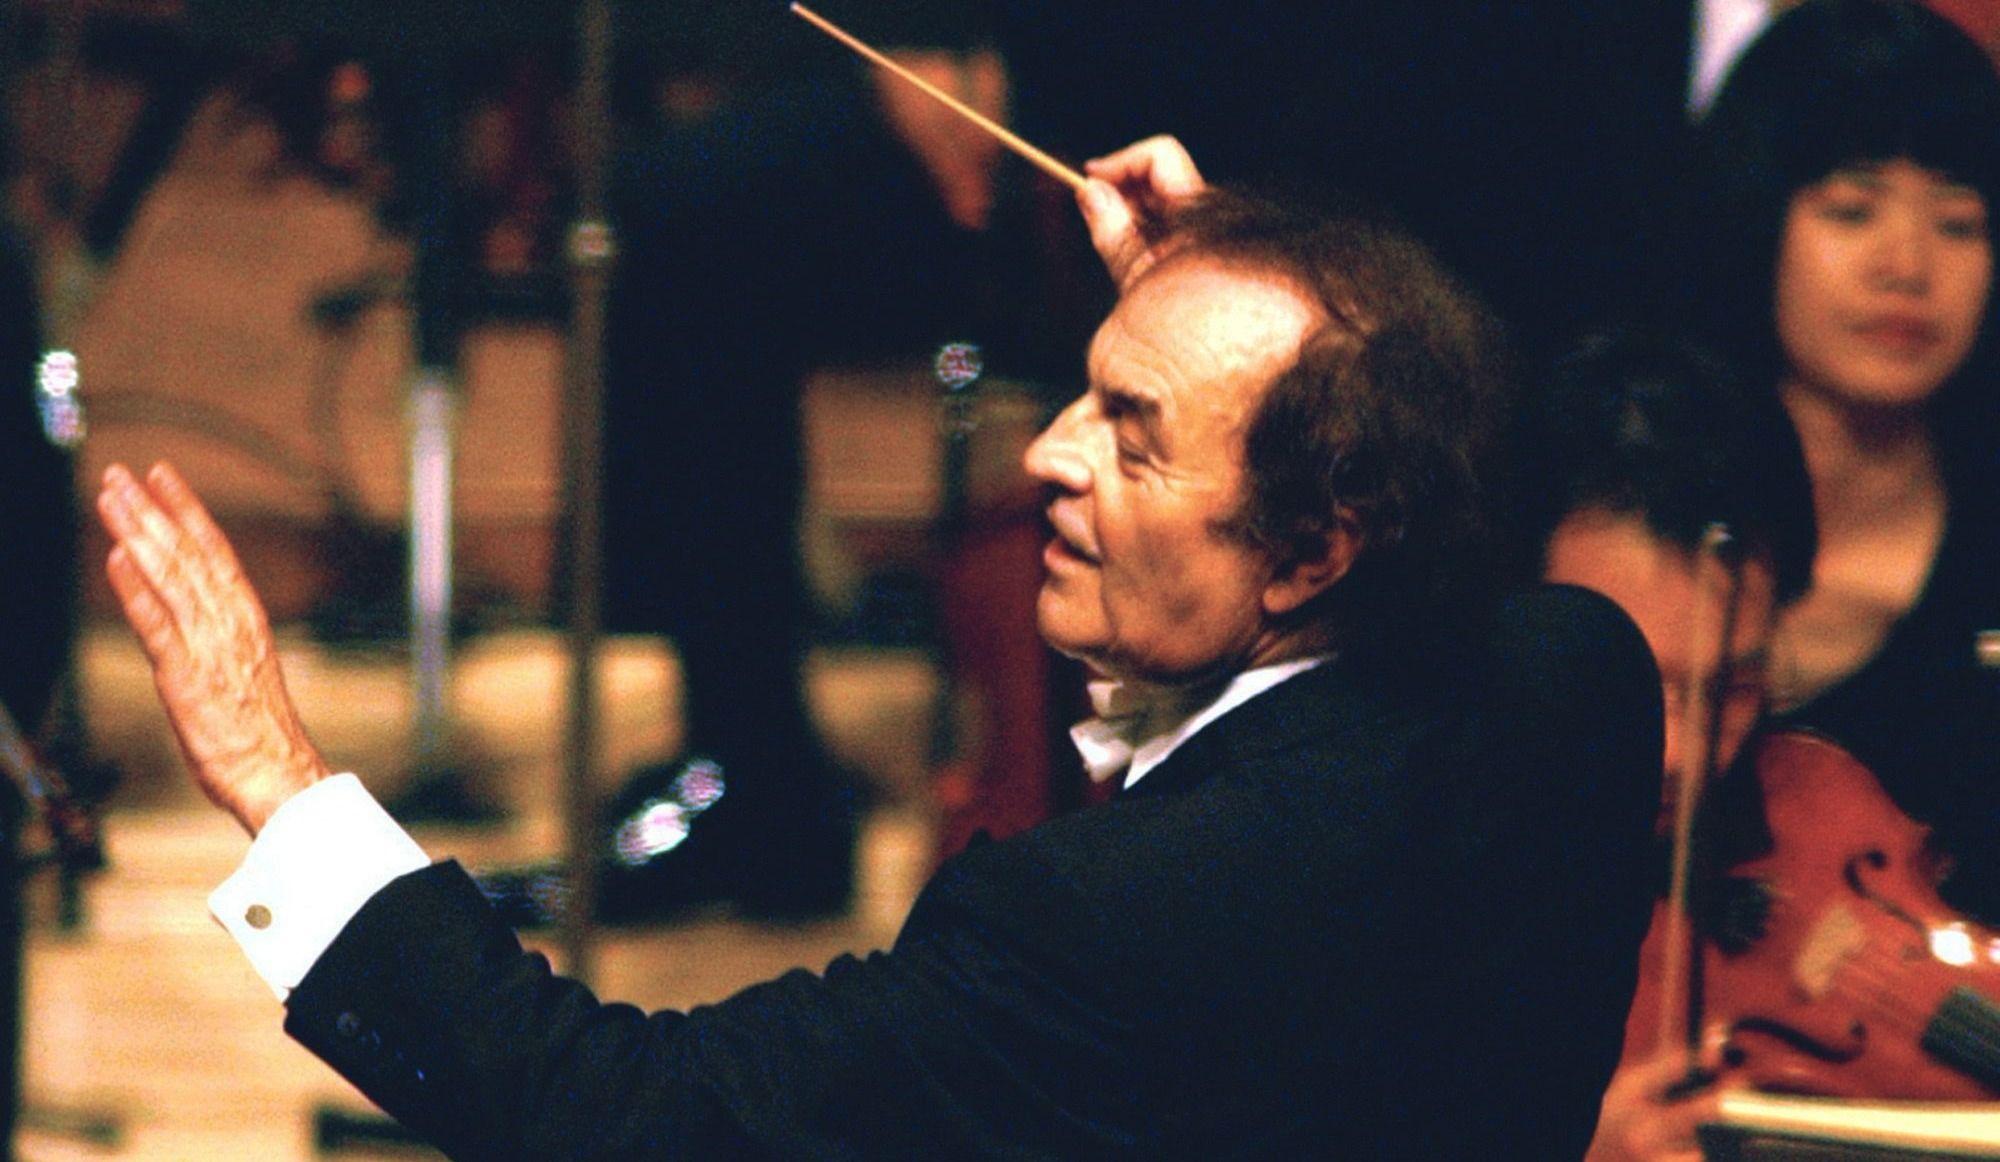 Accusations d'inconduite sexuelle contre le chef d'orchestre Charles Dutoit